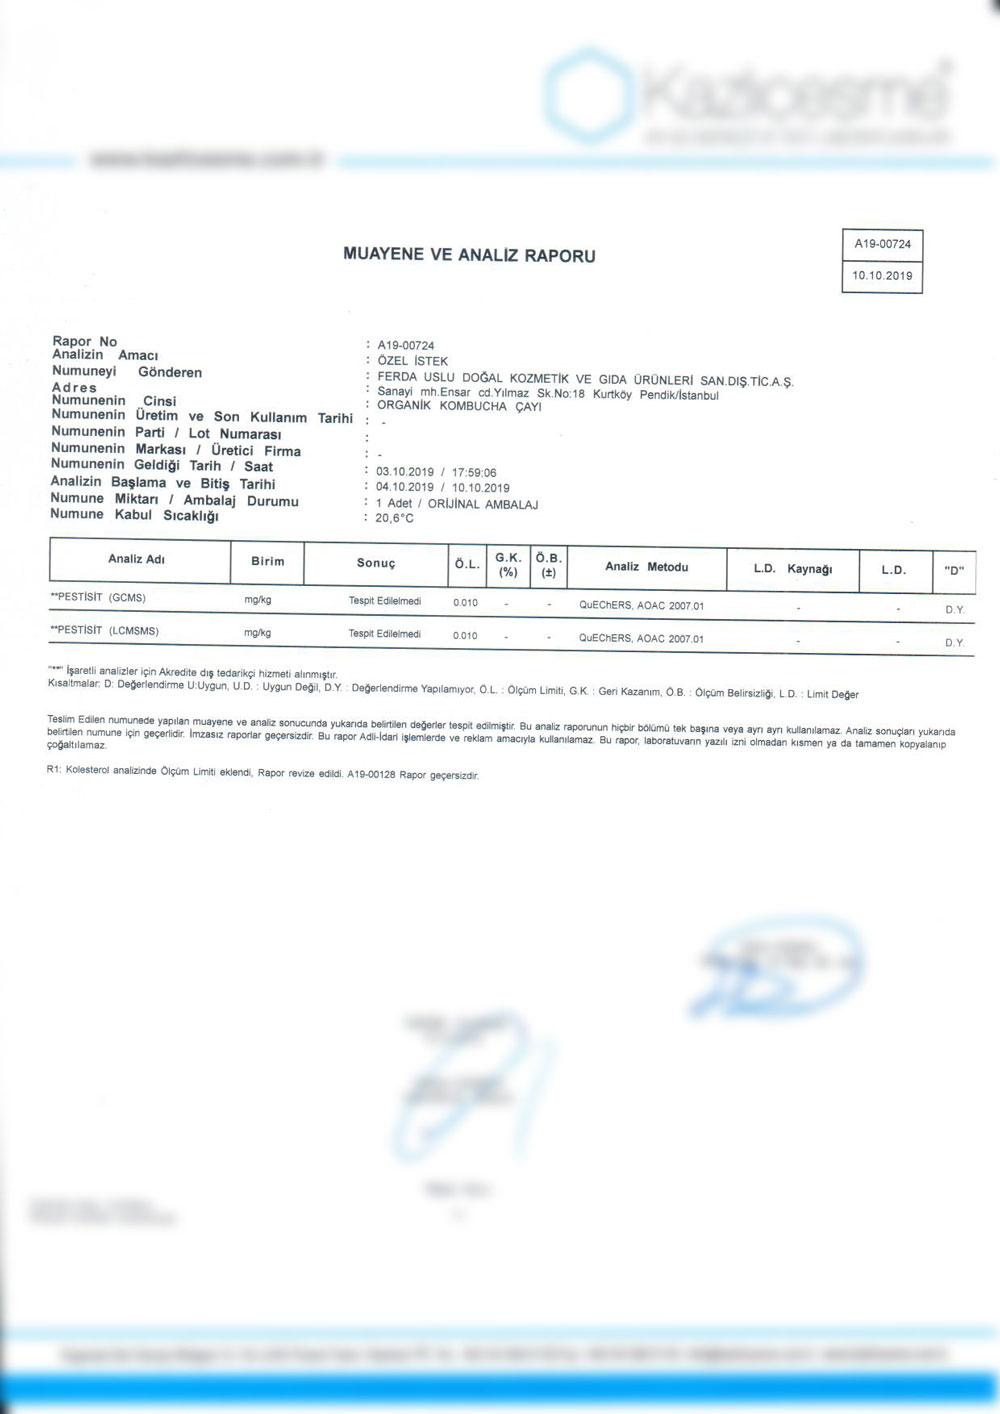 kombucha-cayi-pestisit.jpg (117 KB)